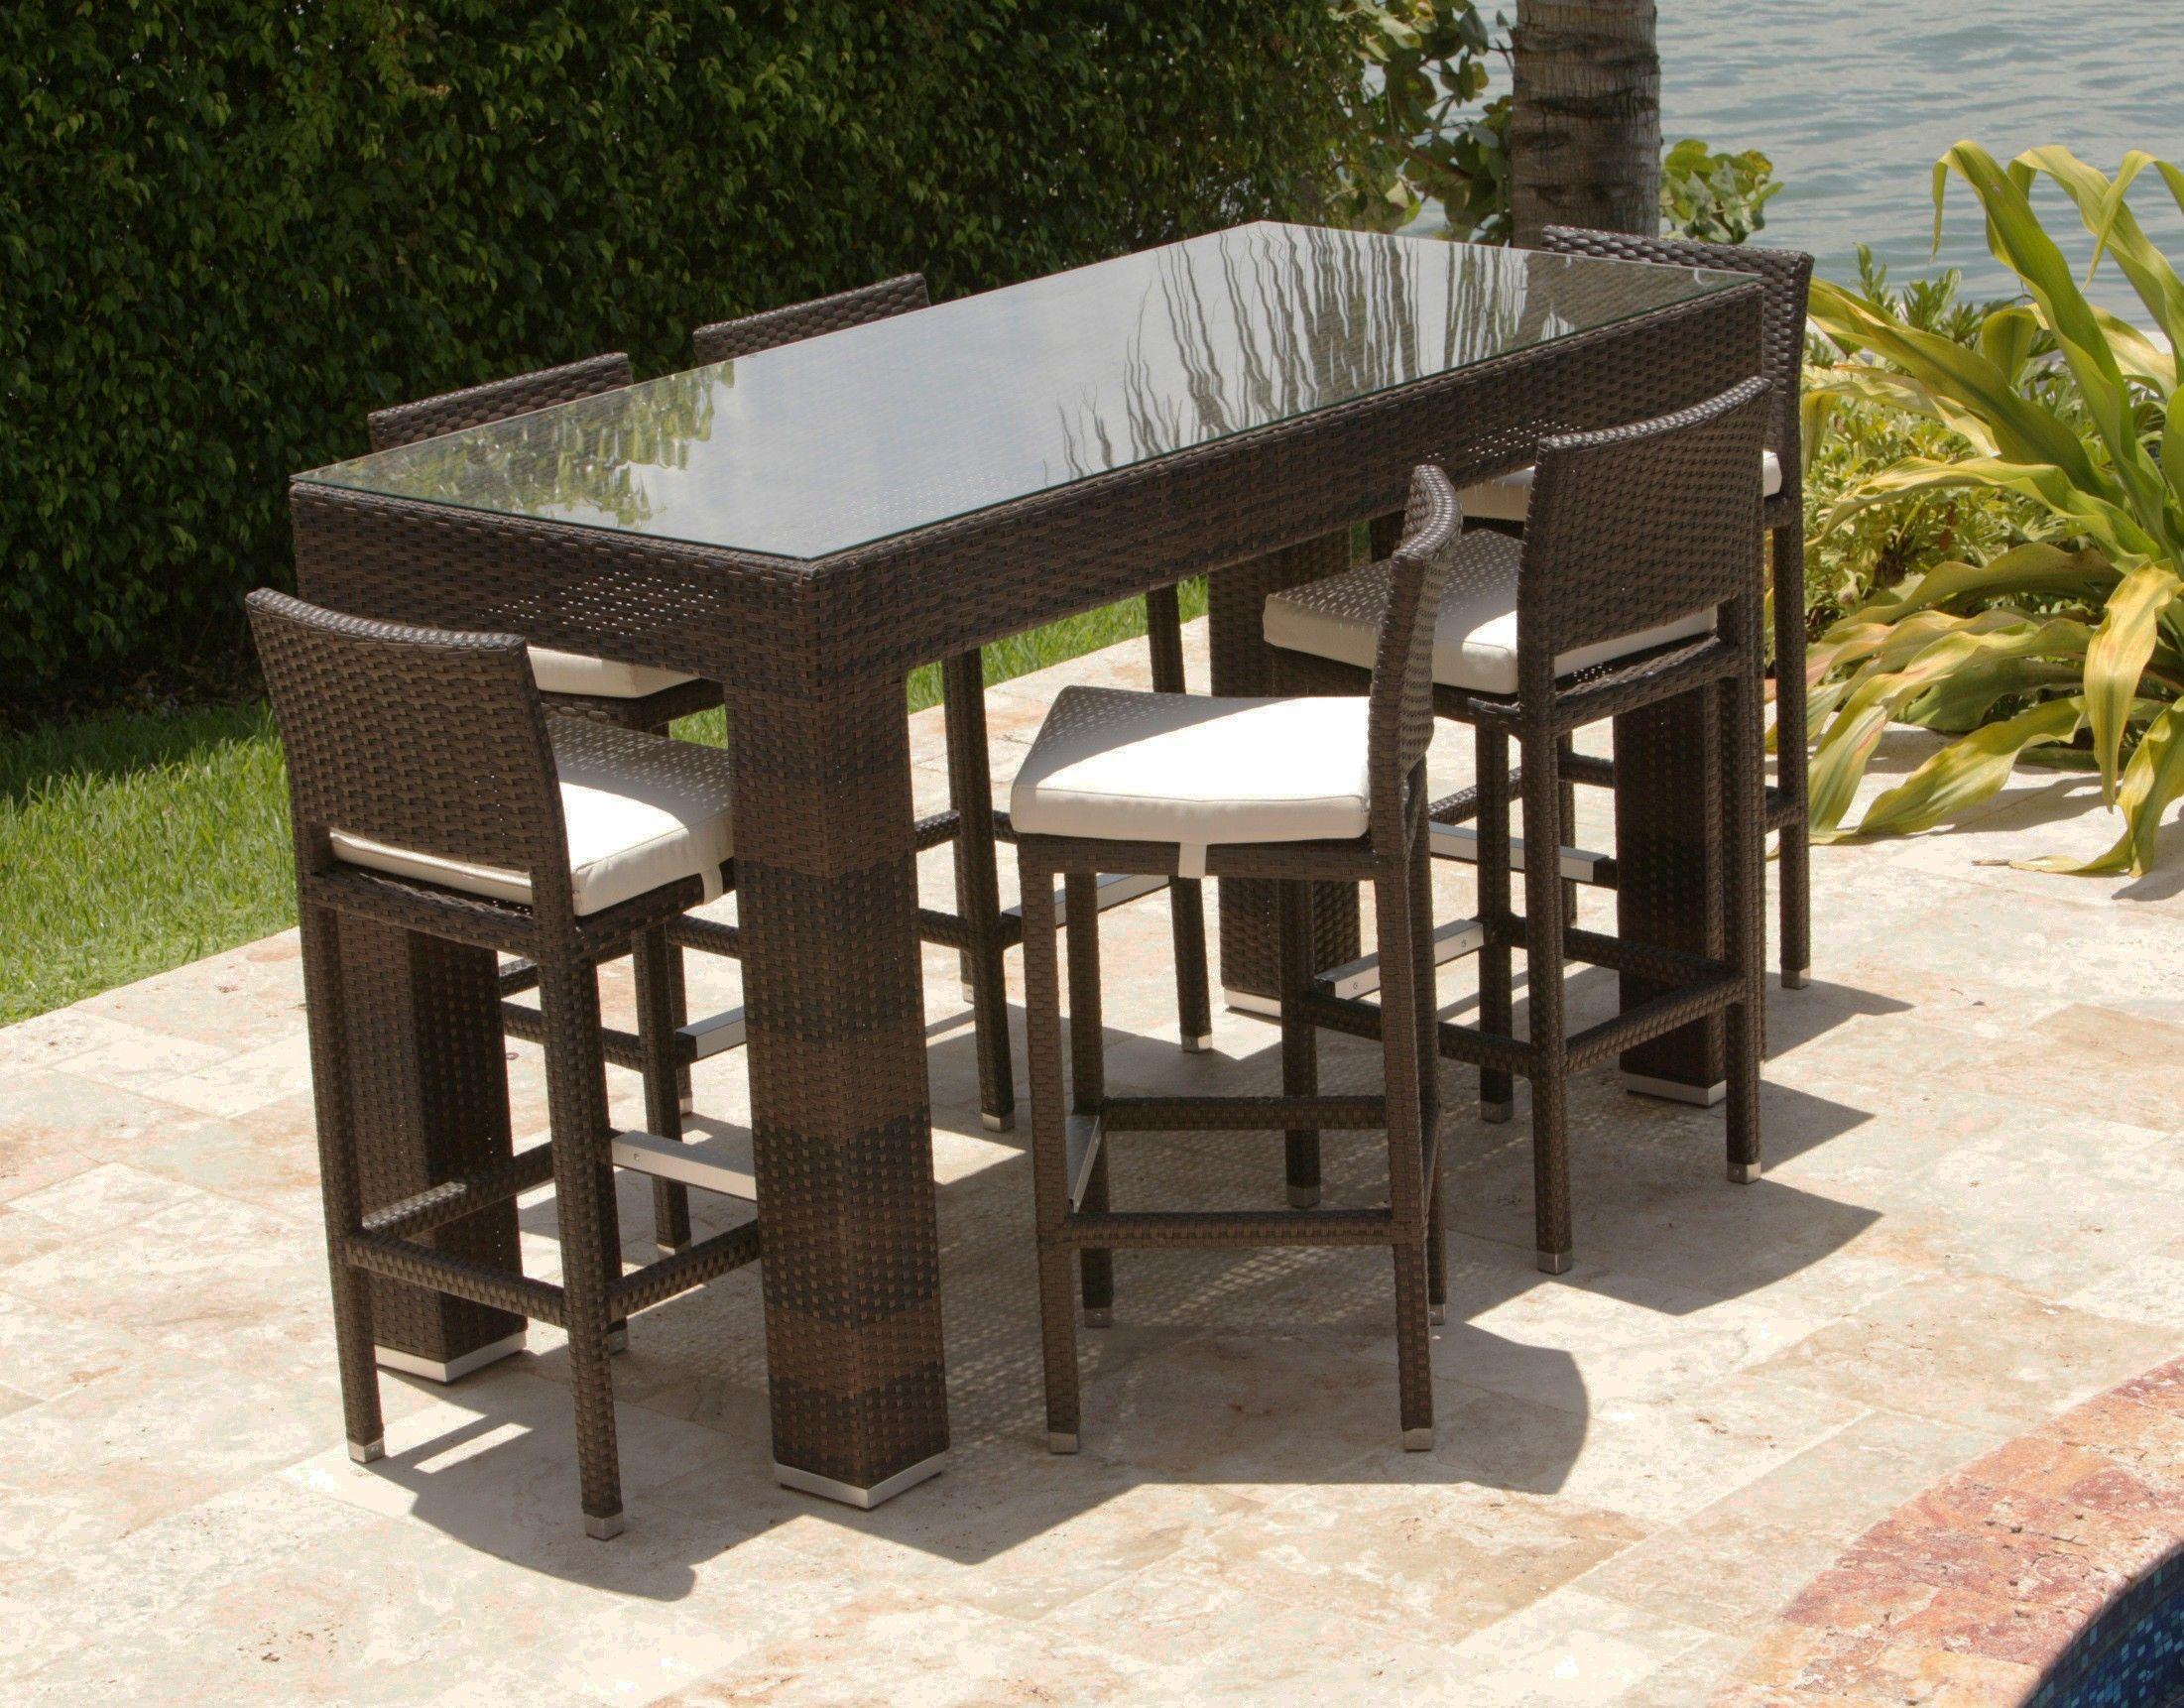 Mobel Outdoor Wicker Esstisch Set Mit Hoher Barhocker Platziert Auf Granit Gefliesten Boden Kombiniert Mit Gru Gartenmobel Sets Terrassentisch Terrassen Stuhle